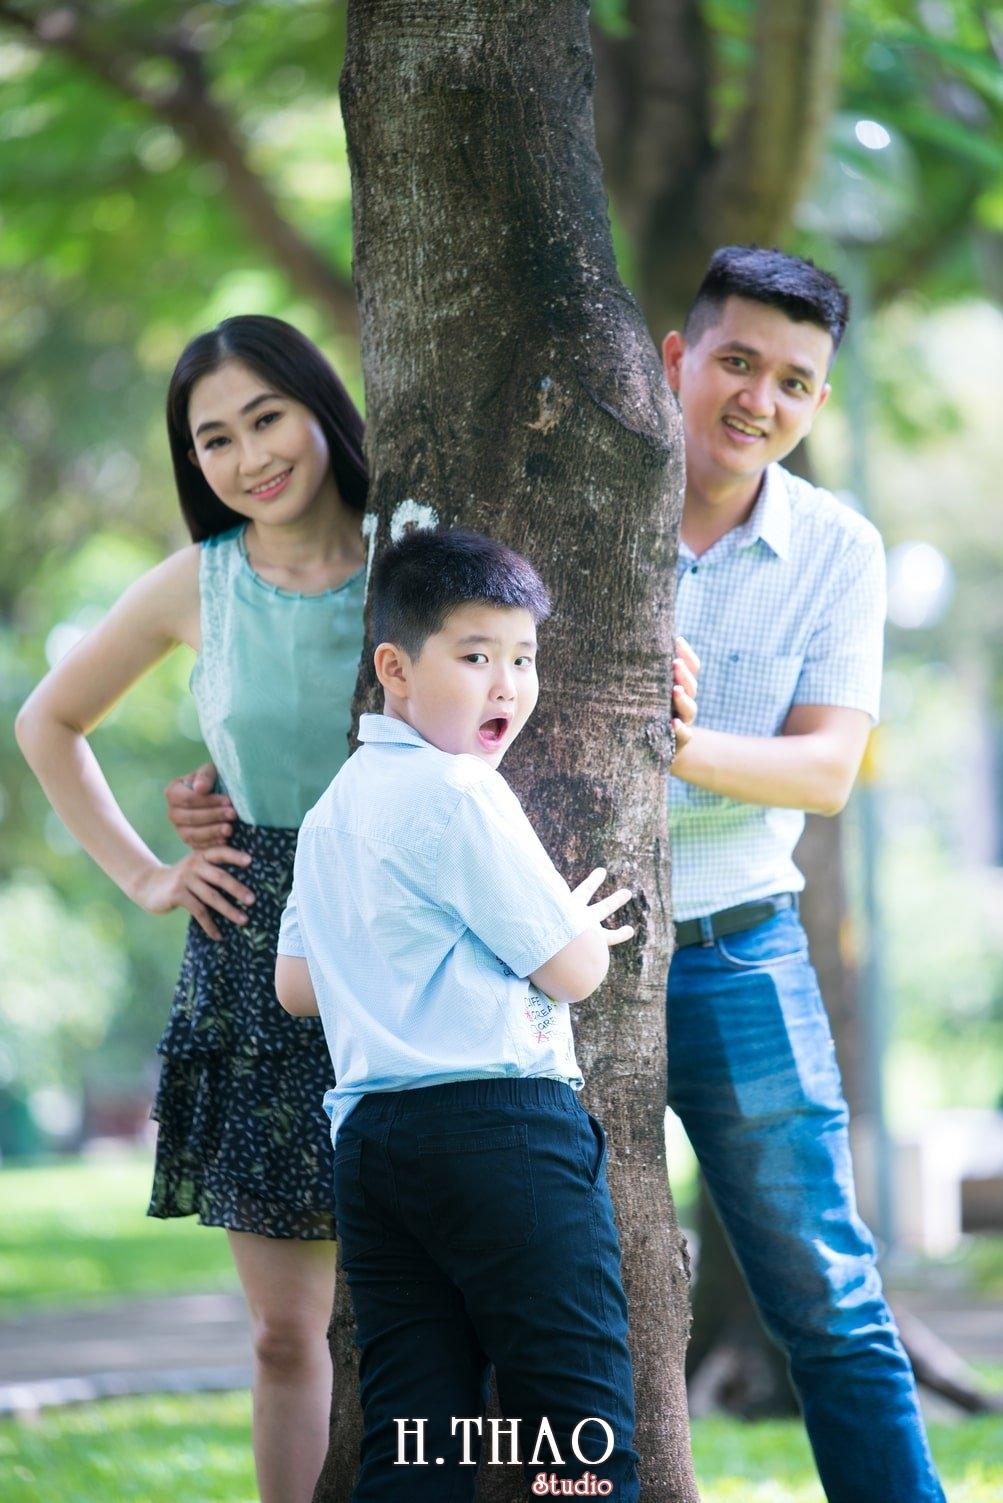 Anh Gia dinh 3 nguoi 17 - Bộ ảnh gia đình 3 người chụp ngoại cảnh đẹp tự nhiên - HThao Studio